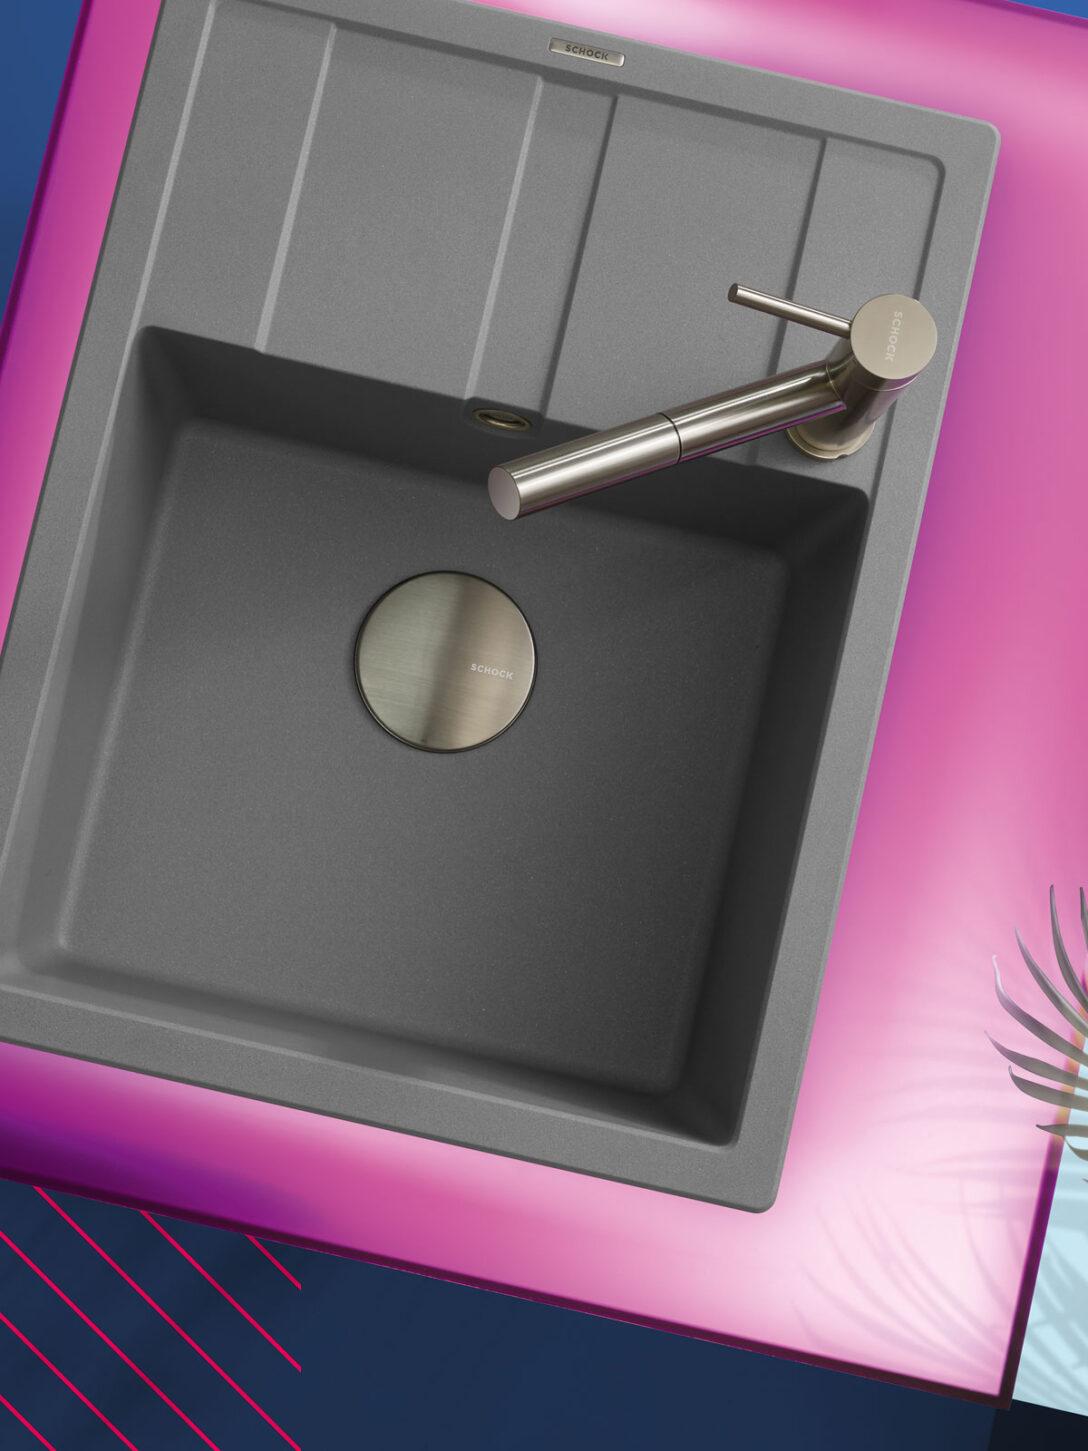 Large Size of Waschbecken Küche Weiß Splen Stengel Miniküche Einrichten Badezimmer Singelküche Buche Modulküche Led Panel Mit Tresen Hochglanz Weiss Jalousieschrank Wohnzimmer Waschbecken Küche Weiß